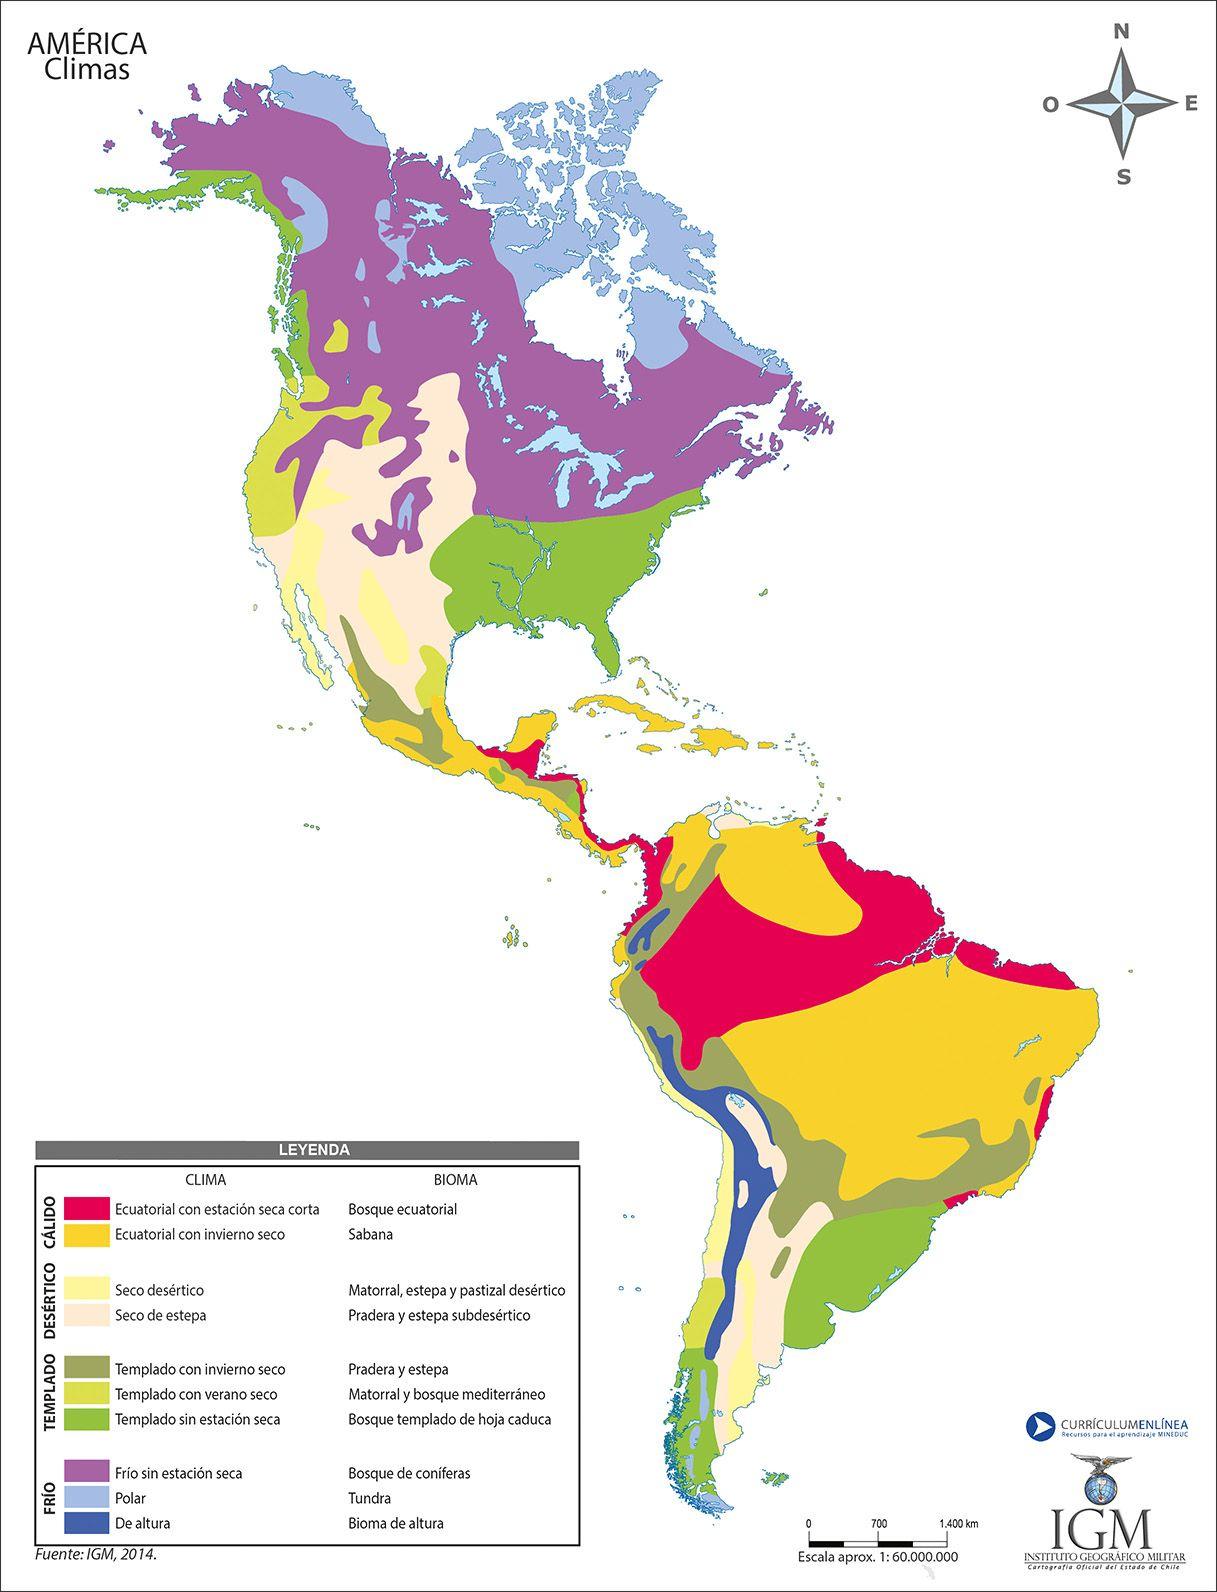 Worldly Decor Resultado De Imagen Para Mapa Con Los Climas De America